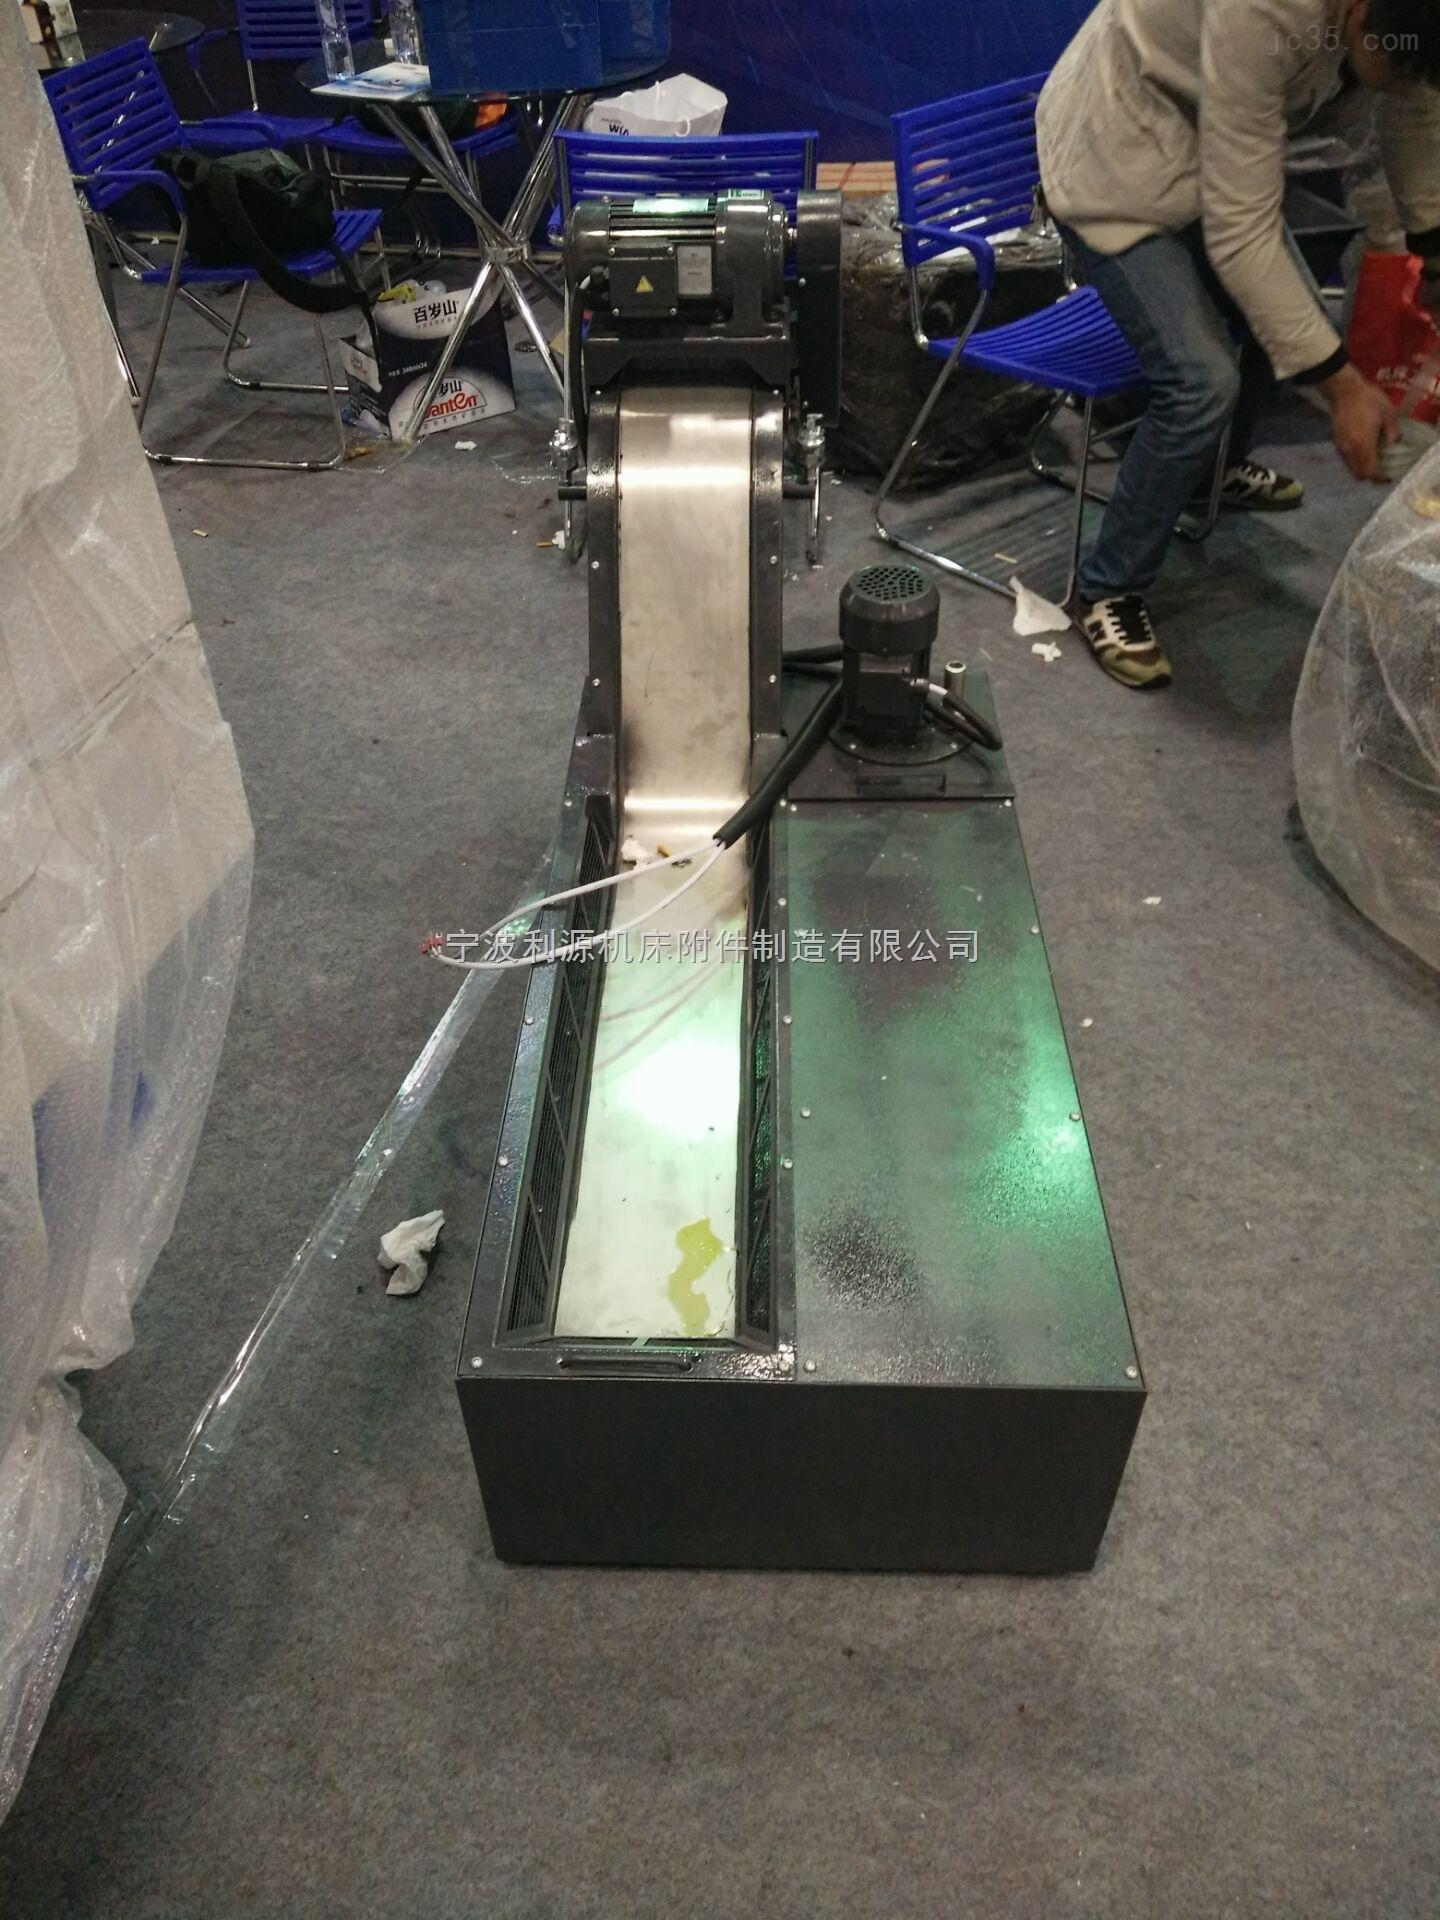 宁波北仑象山萧山上海磁性排屑器厂家